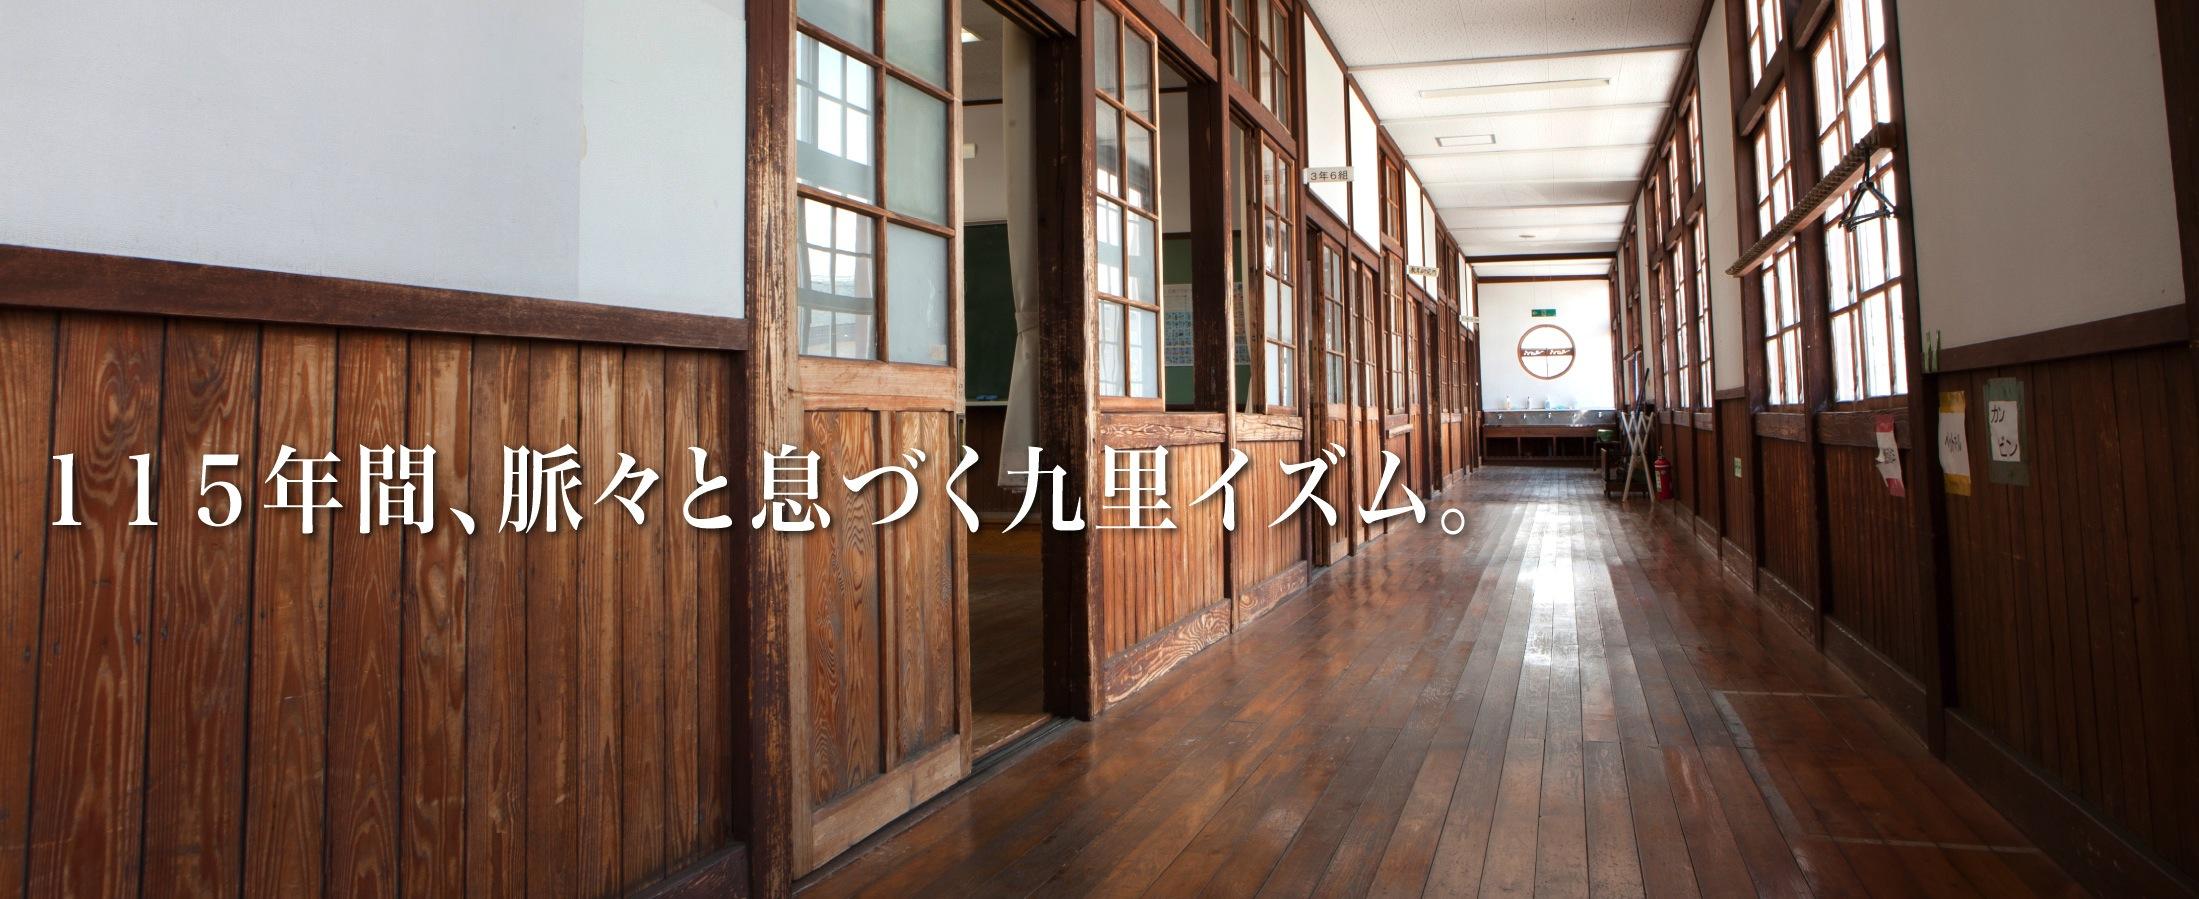 九里トップイメージ4